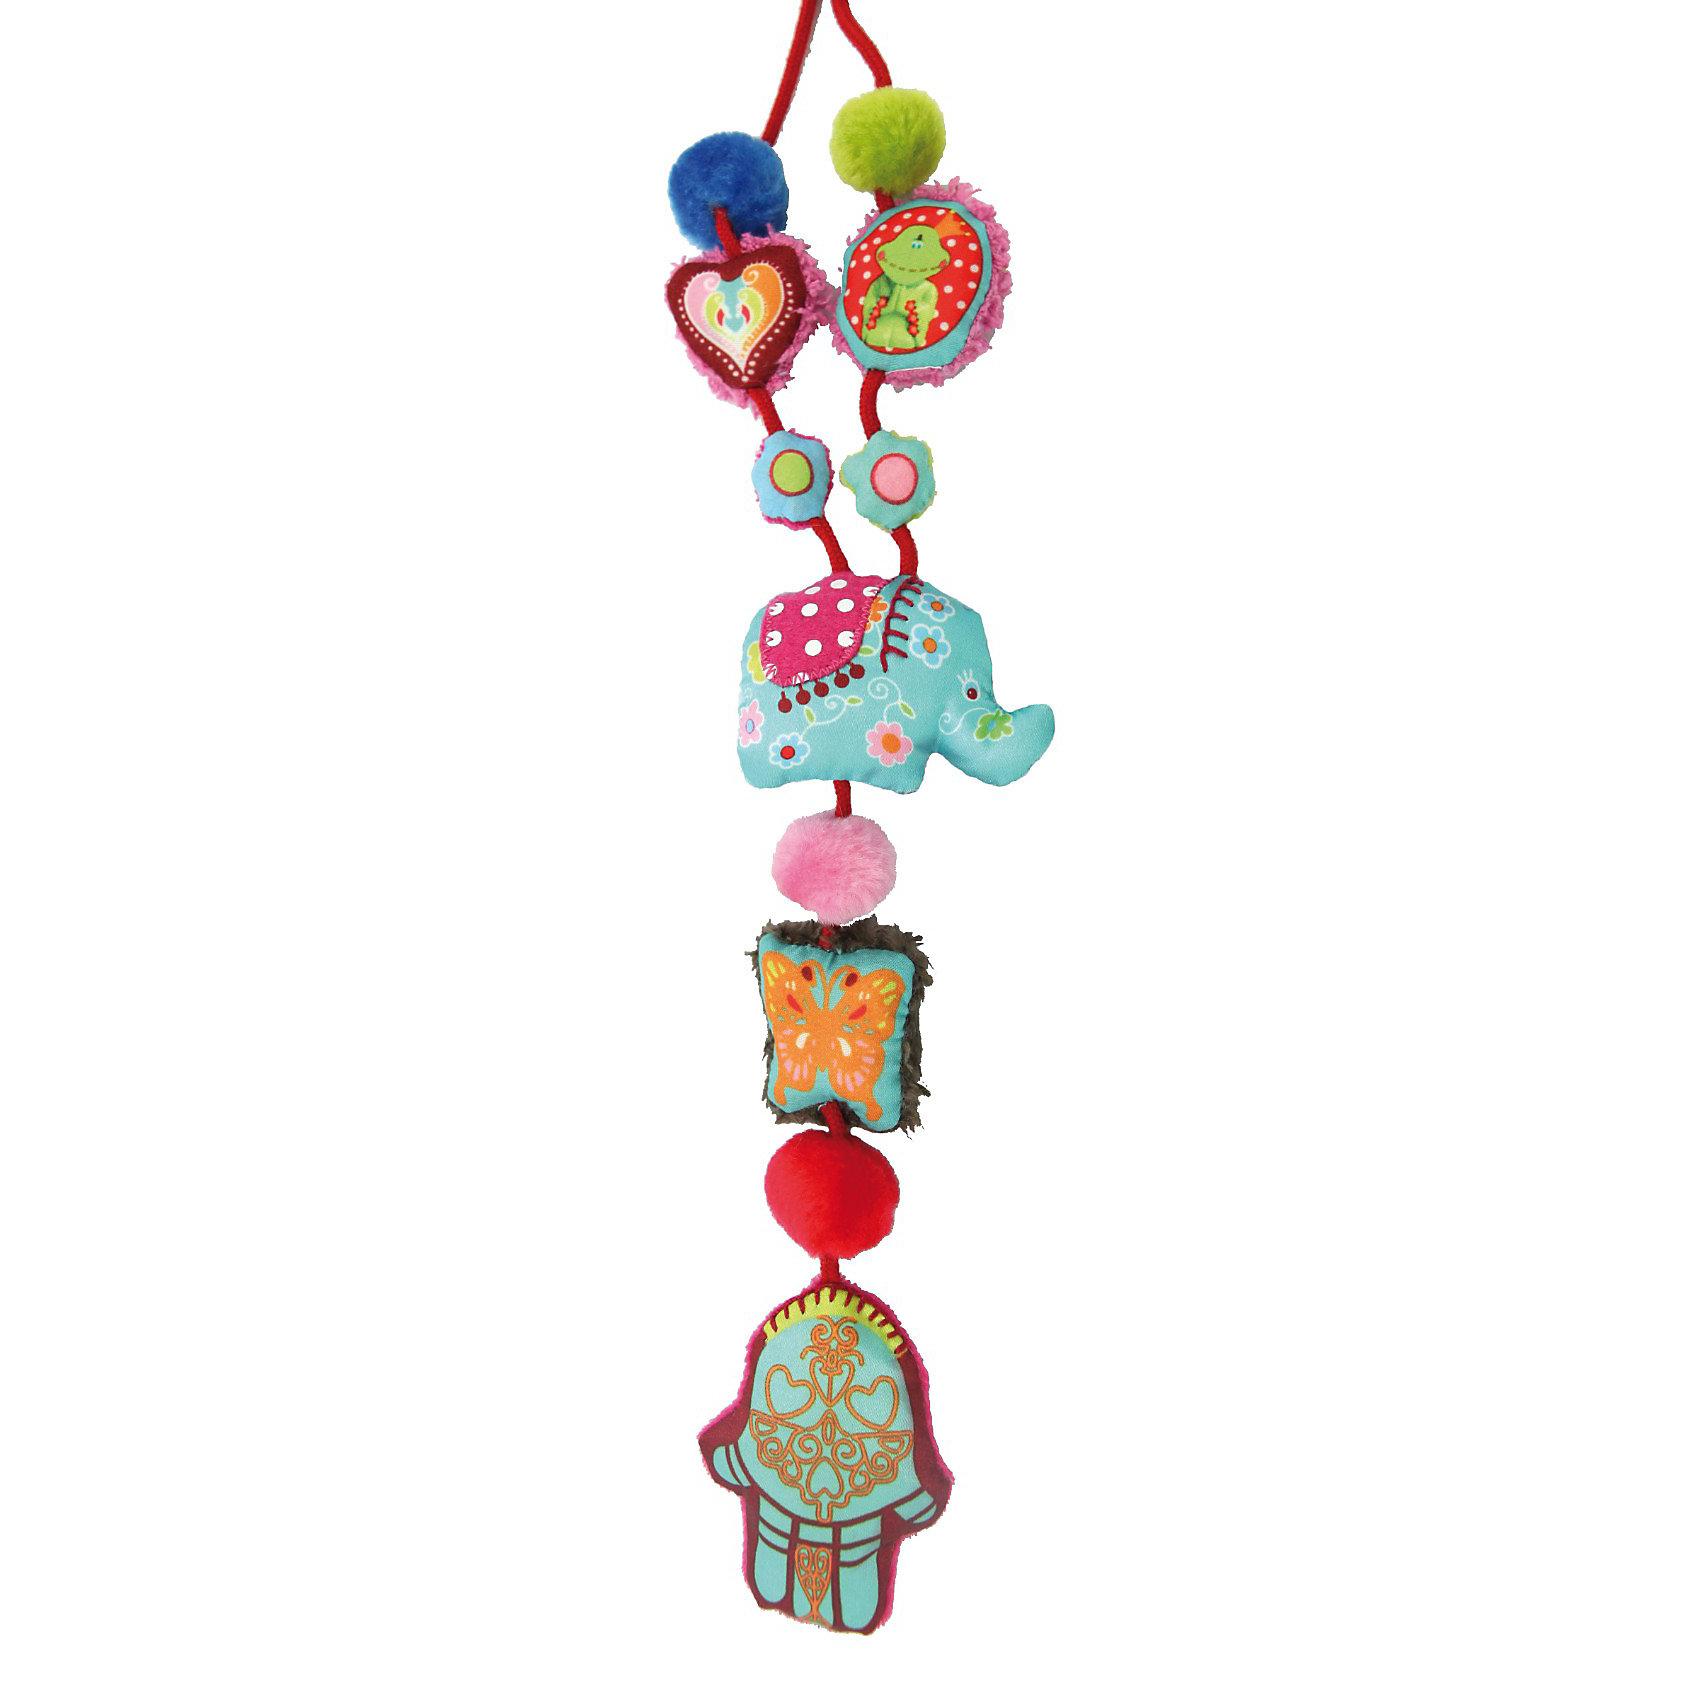 DUSHI Ожерелье Индия коллекции Мама&amp;малышСтильное украшение - полезная игрушка облегчает непростые заботы мамы о малыше в различных ситуациях.<br><br>Отличное решение для любознательных ручек, которые всегда тянутся к дорогим маминым украшениям или родинке на шее!<br><br>Даже самый непоседливый кроха моментально увлечется игрой с нежными текстильными частями колье, различными полосочками и ярлычками, маленьким зеркальцем или мягкой звездочкой, которую так увлекательно щупать пальчиками.<br><br>Вместо того чтобы крошечные ручки теребили Ваши дорогие украшения, дизайнерские сережки или родинки на шее, добычей малыша станет специально созданное для развития детских пальчиков ожерелье из коллекции «Мама&amp;малыш». Любое колье этой серии  разработано прежде всего из соображений безопасности: мягкое, без жестких частей, острых краев и бусин, которые могут оторваться.<br><br>Яркие цвета, крупные образы, мягкая ткань и различные звуковые эффекты будут привлекать внимание ребенка в течение долгого времени. Больше никакого напряжения в ожидании приема у доктора или смущения в очереди в супермаркете. Кроме того ожерелье выглядит так стильно и привлекательно, что даже самые модные мамы захотят иметь такое! Что говорить о маленьких красотках, которые всегда подражают своей маме и желают быть такой же модной и красивой, как она?<br><br>А ваши друзья, у которых есть активный и любознательный малыш, будут очень рады такому оригинальному и нужному подарку!<br><br>Дополнительная информация:<br><br>Носить такое колье могут все: оно имеет безопасную застежку специальной конструкции.<br>Для использования с рождения (надевать на шею взрослому)<br>Все изделия от DUSHI соответствуют последним требованиям безопасности Европейского сообщества и нормативов EN71 в отношении детских товаров.<br><br>Ширина мм: 280<br>Глубина мм: 180<br>Высота мм: 25<br>Вес г: 110<br>Возраст от месяцев: 0<br>Возраст до месяцев: 36<br>Пол: Унисекс<br>Возраст: Детский<br>SKU: 3193331